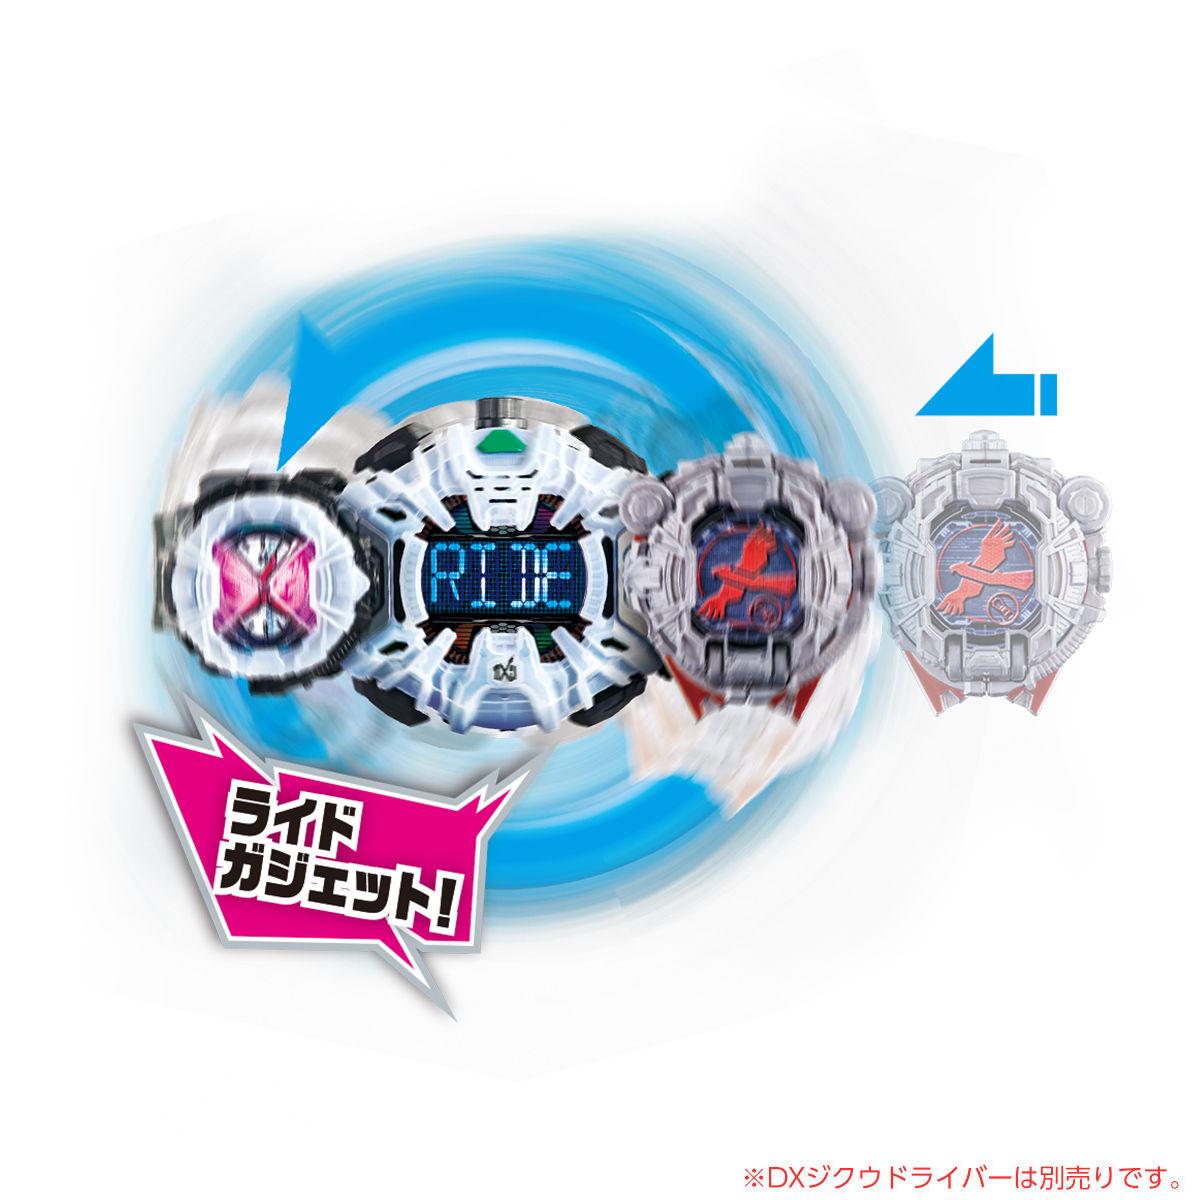 ライドガジェットシリーズ『DXタカウォッチロイド』仮面ライダージオウ 変身なりきり-005